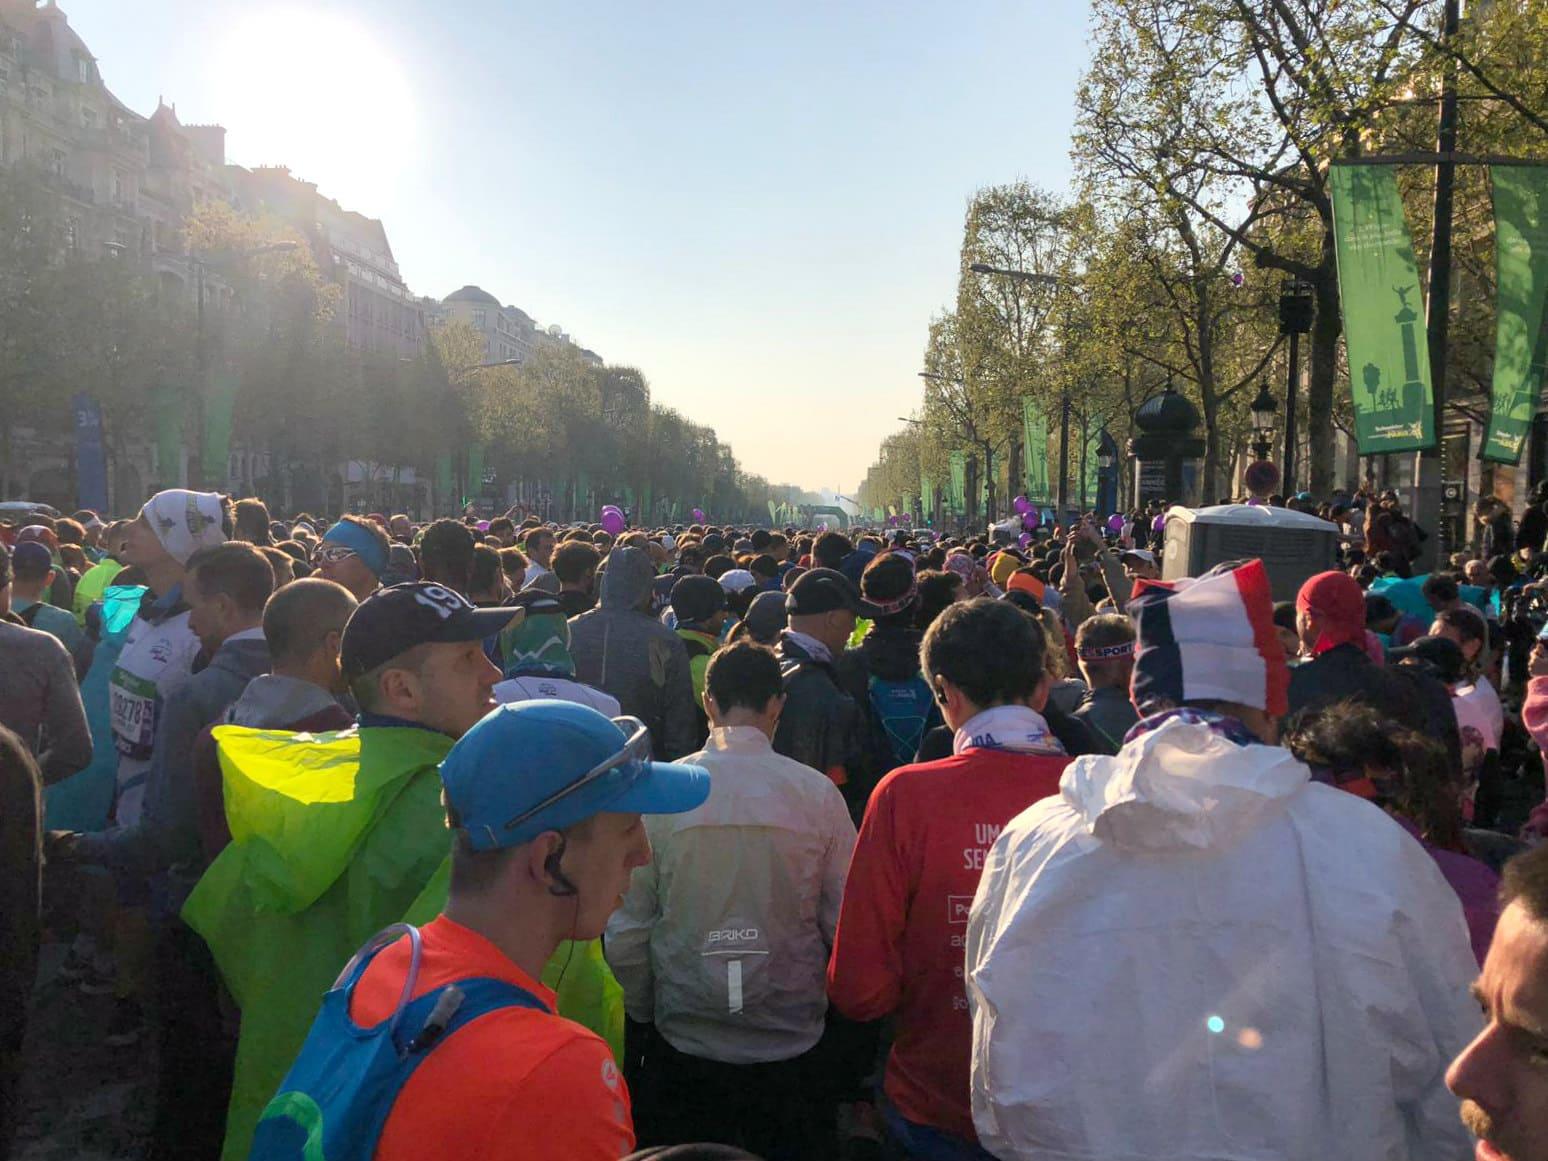 paris marathon corral